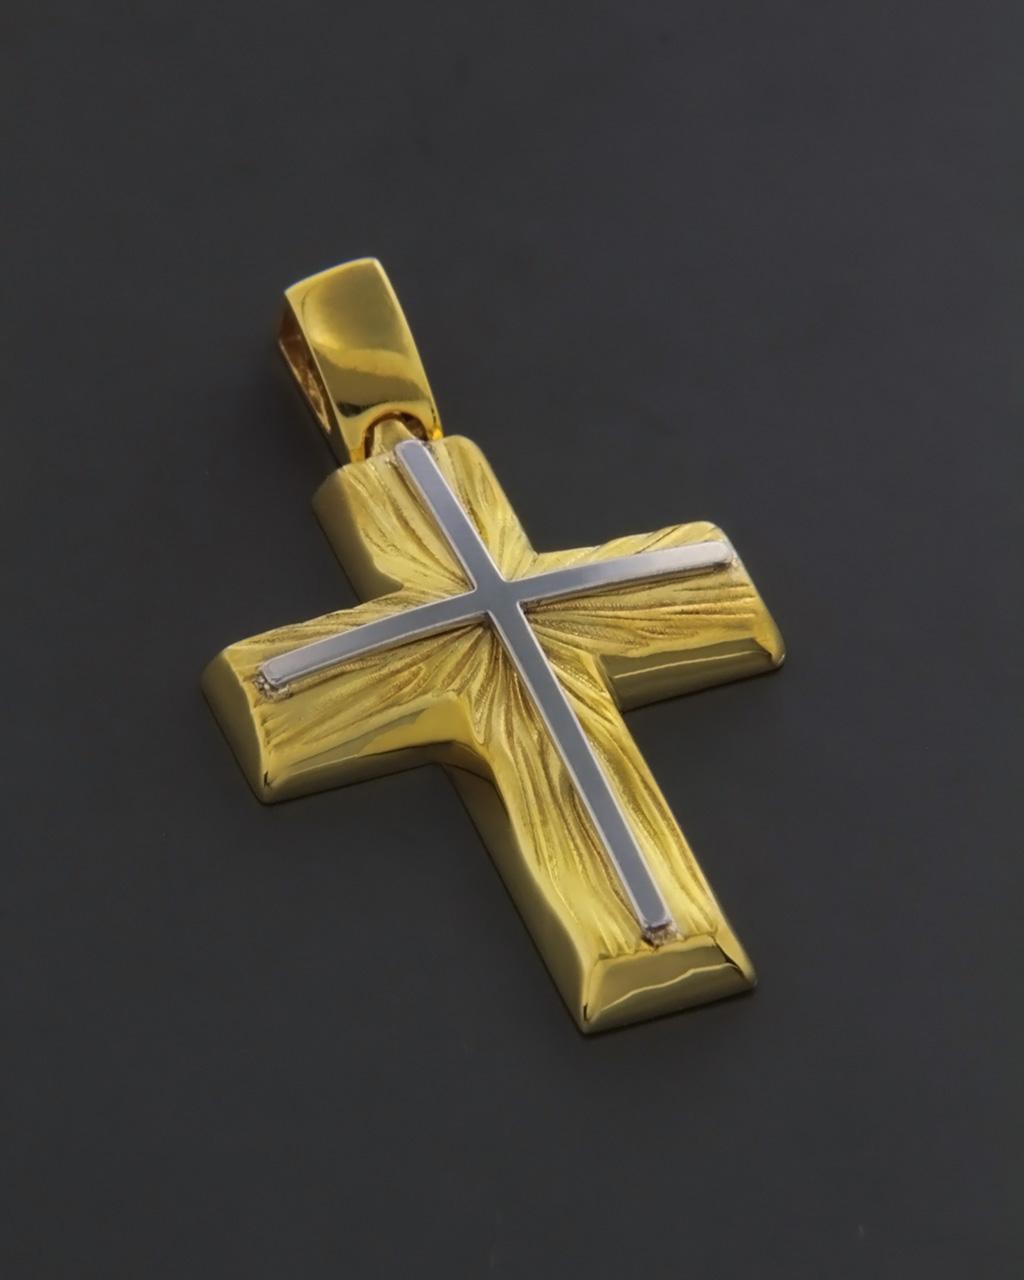 Σταυρός βαπτιστικός χρυσός & λευκόχρυσος Κ14   γυναικα σταυροί σταυροί λευκόχρυσοι